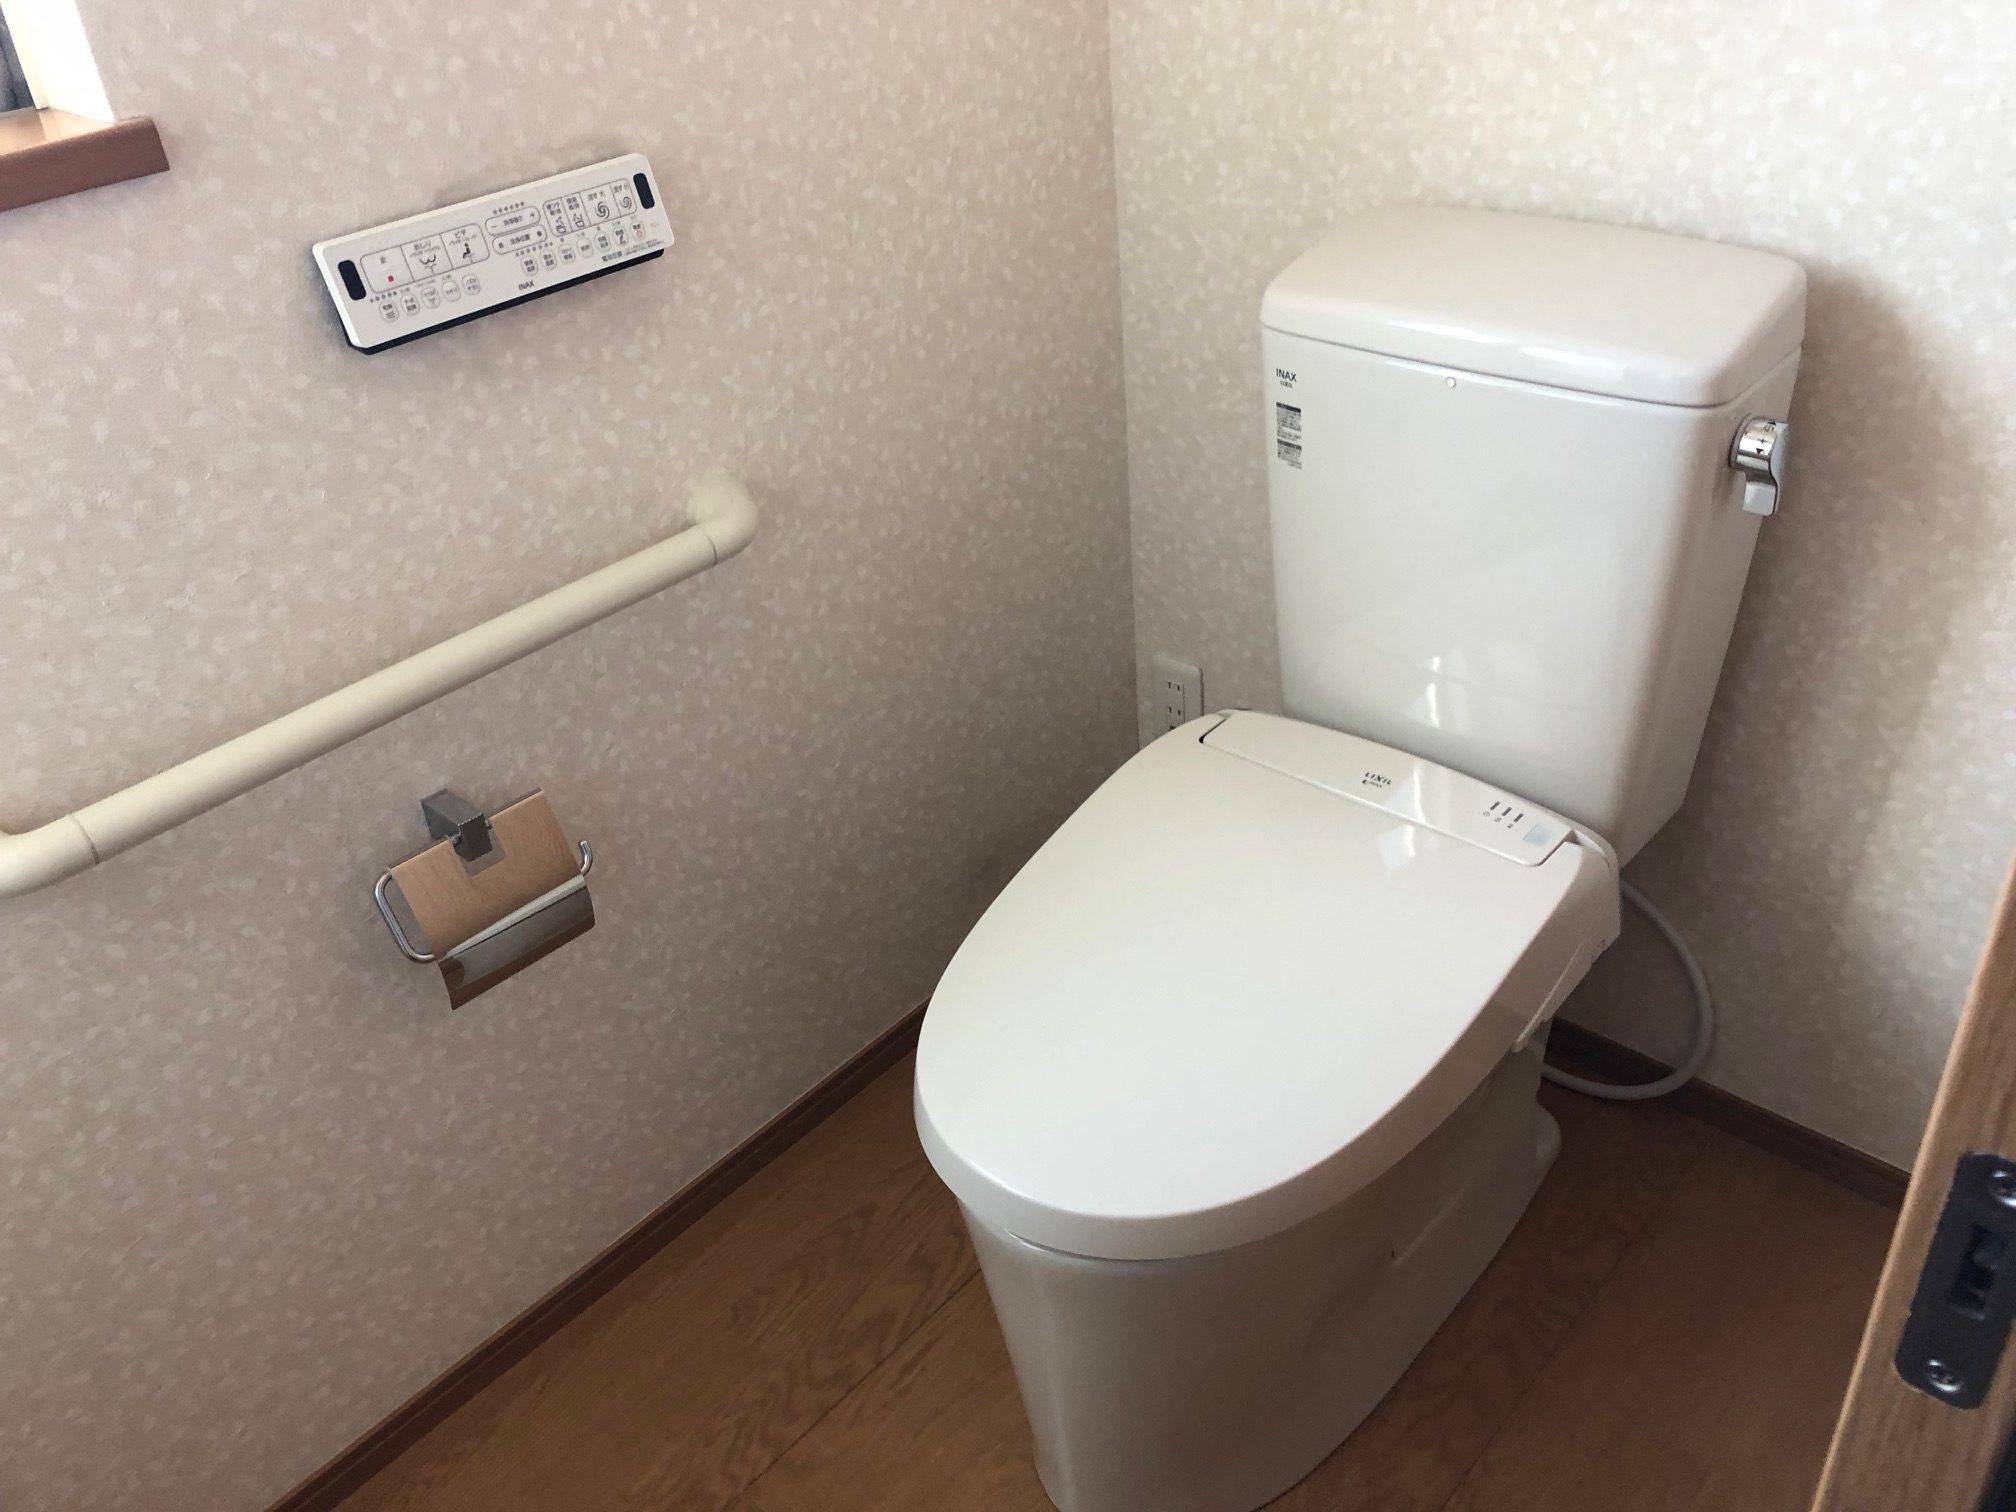 姫路市 トイレ水漏れで交換